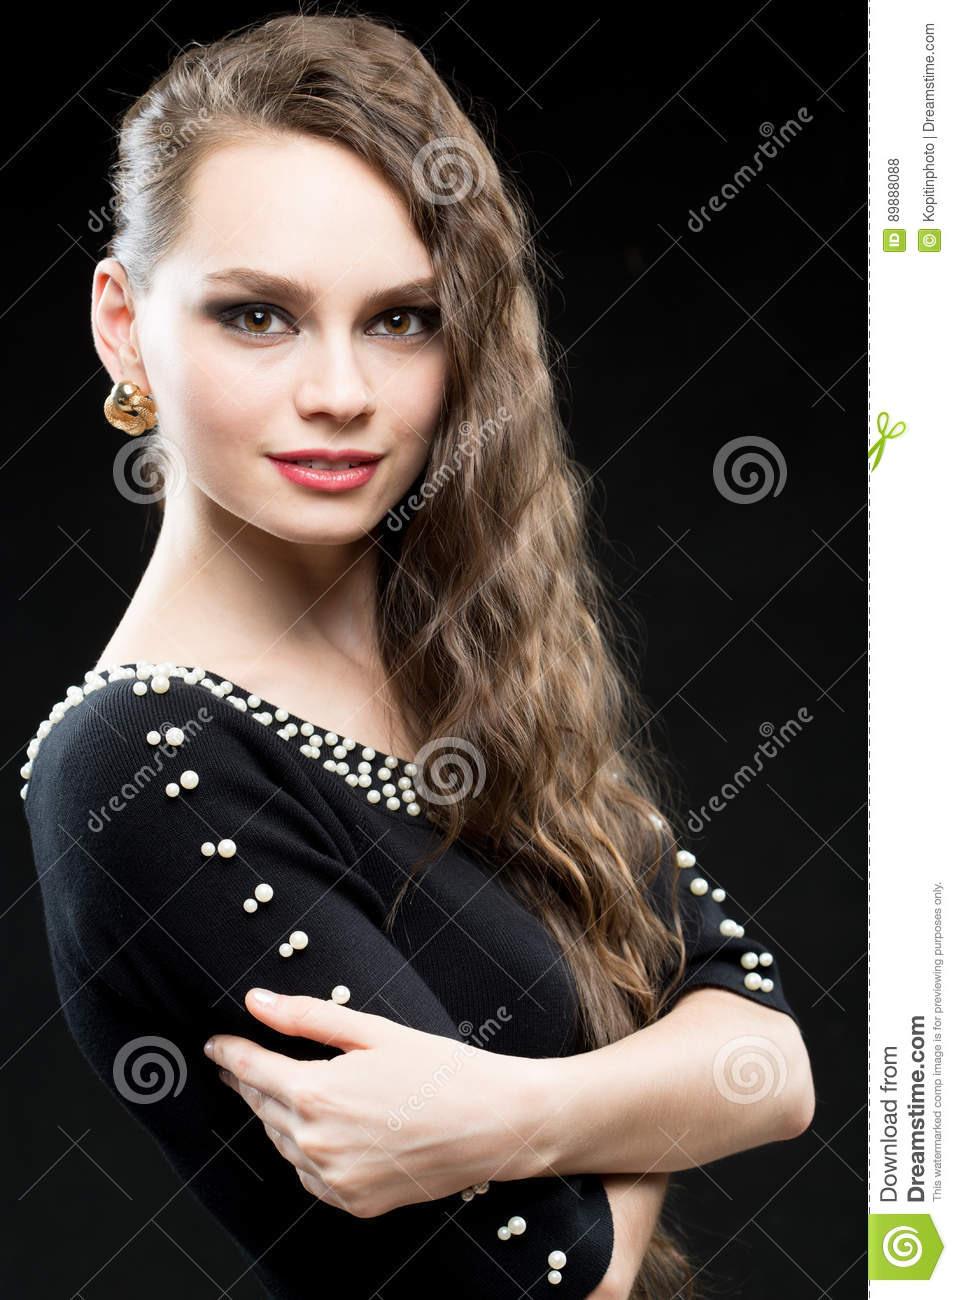 20 Wunderbar Abend Make Up Schwarzes Kleid für 201910 Einzigartig Abend Make Up Schwarzes Kleid Spezialgebiet